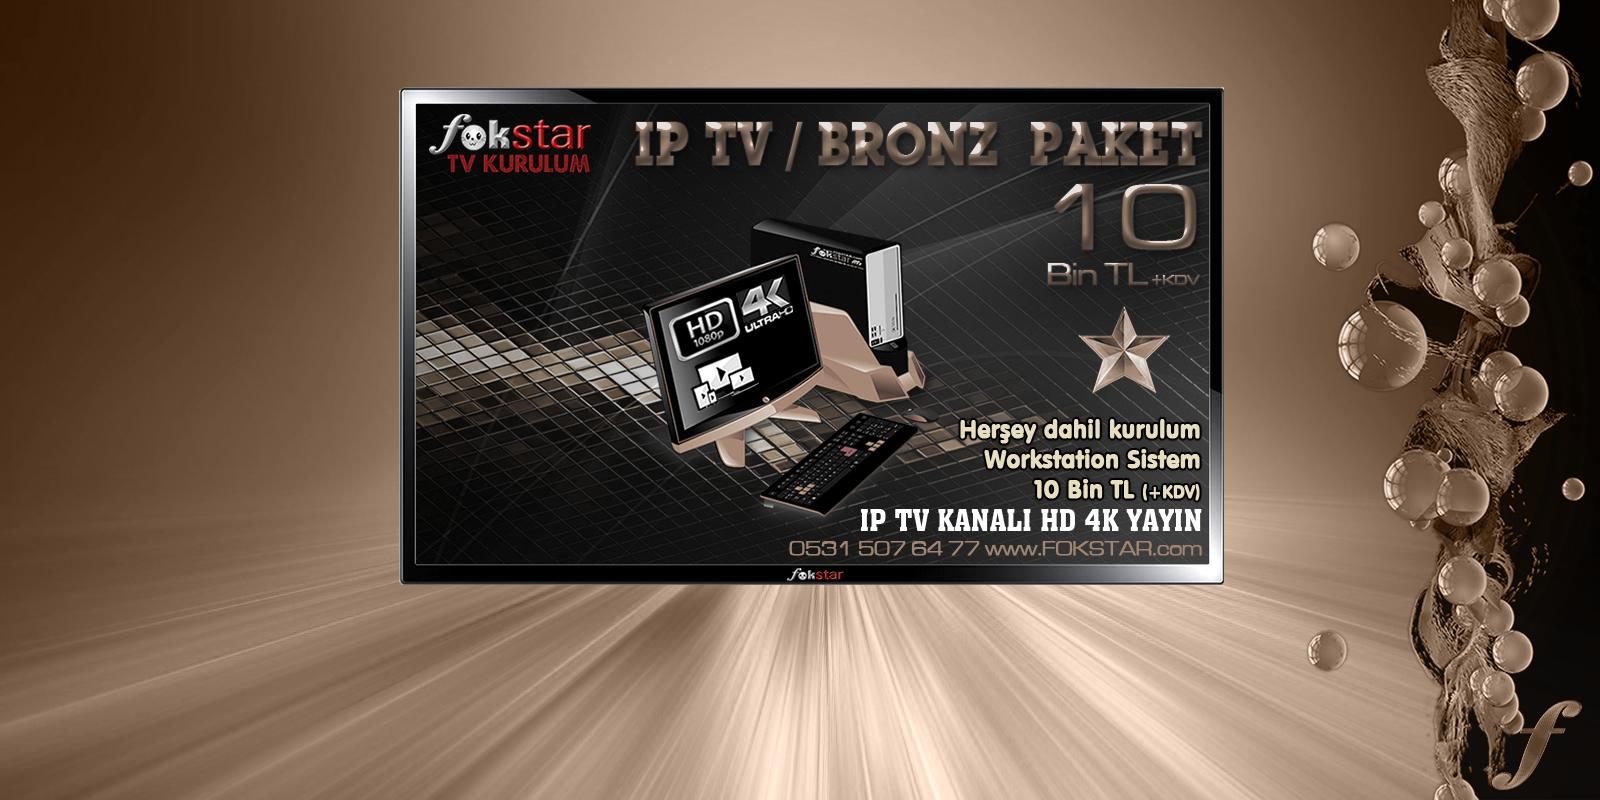 IP TV BRONZ